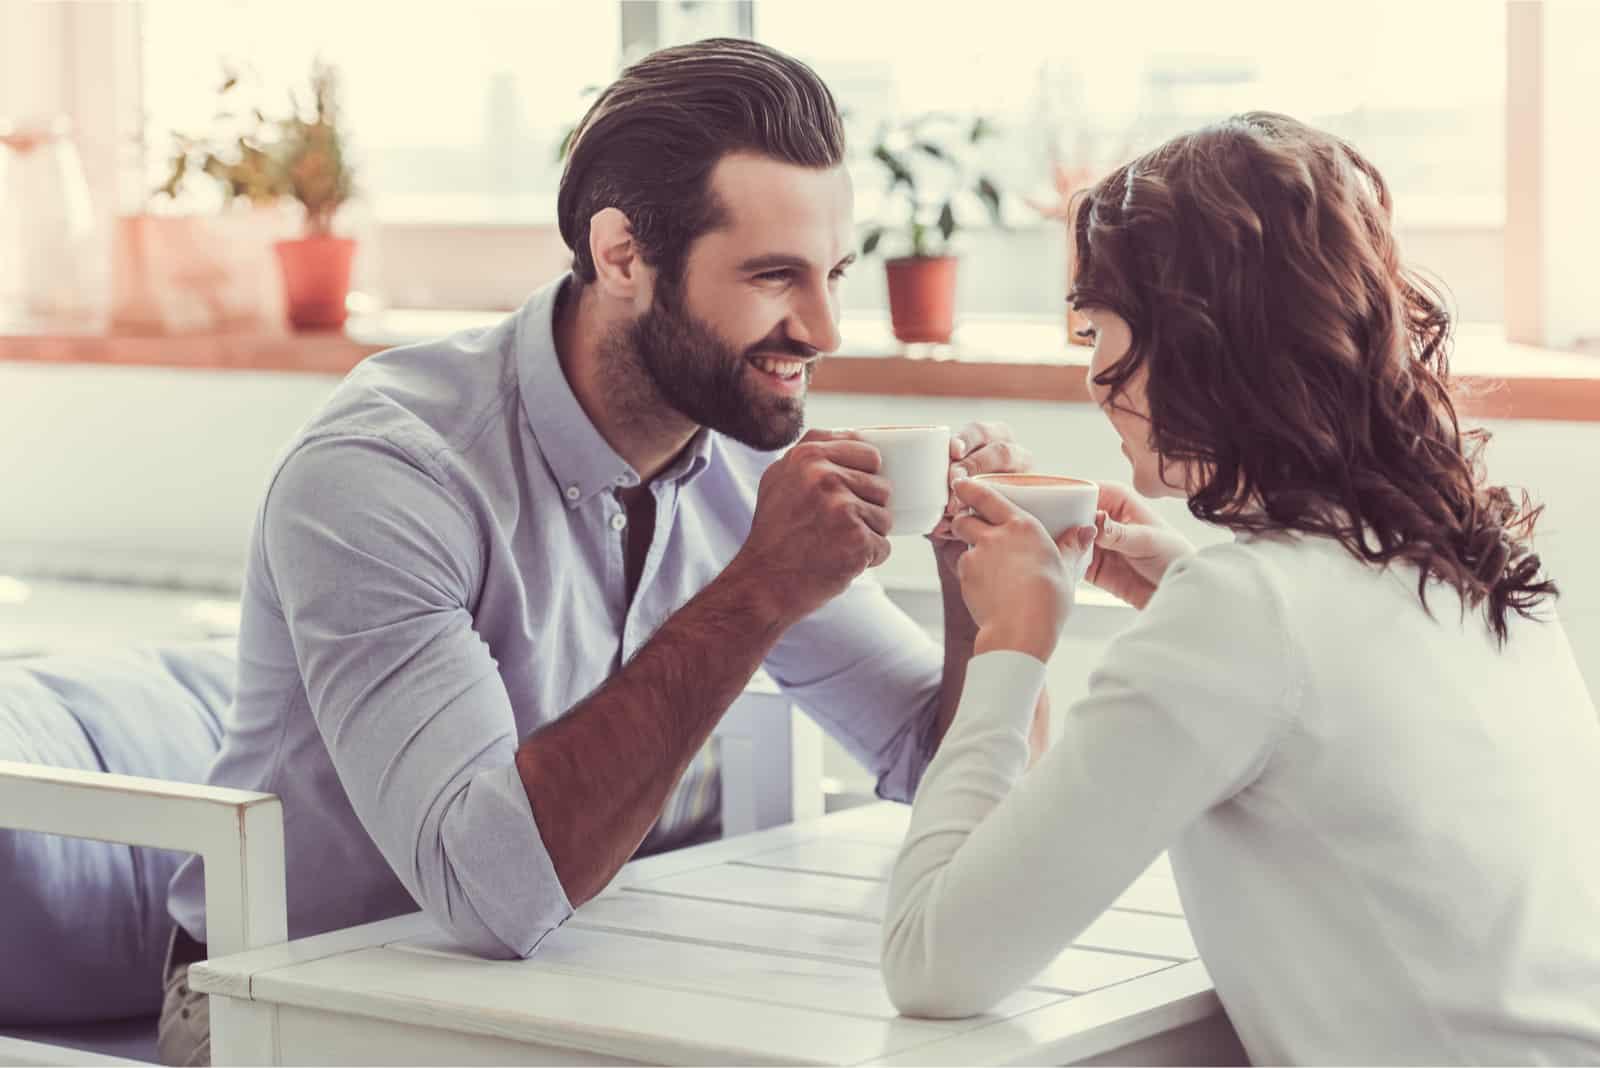 homme et femme prenant un café assis au café